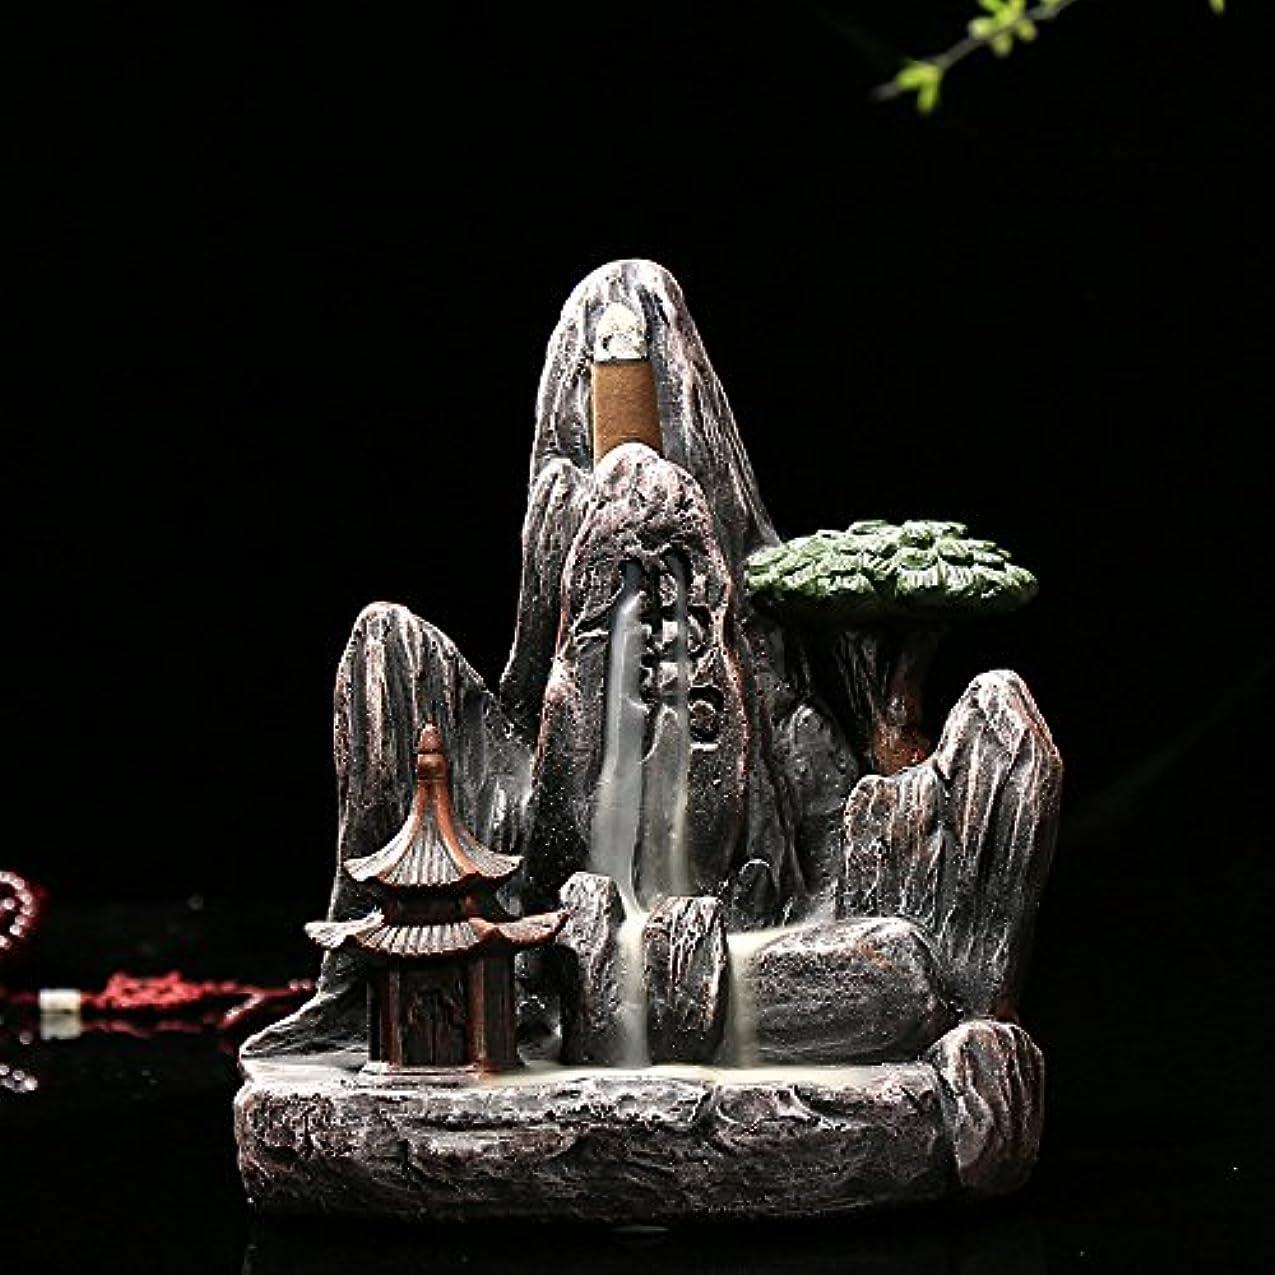 袋勧める危険を冒しますomonic Zen Garden Mountain Stream Backflow手作り樹脂Incense Holder Burner、アロマセラピー炉Diffuser forホームインテリア